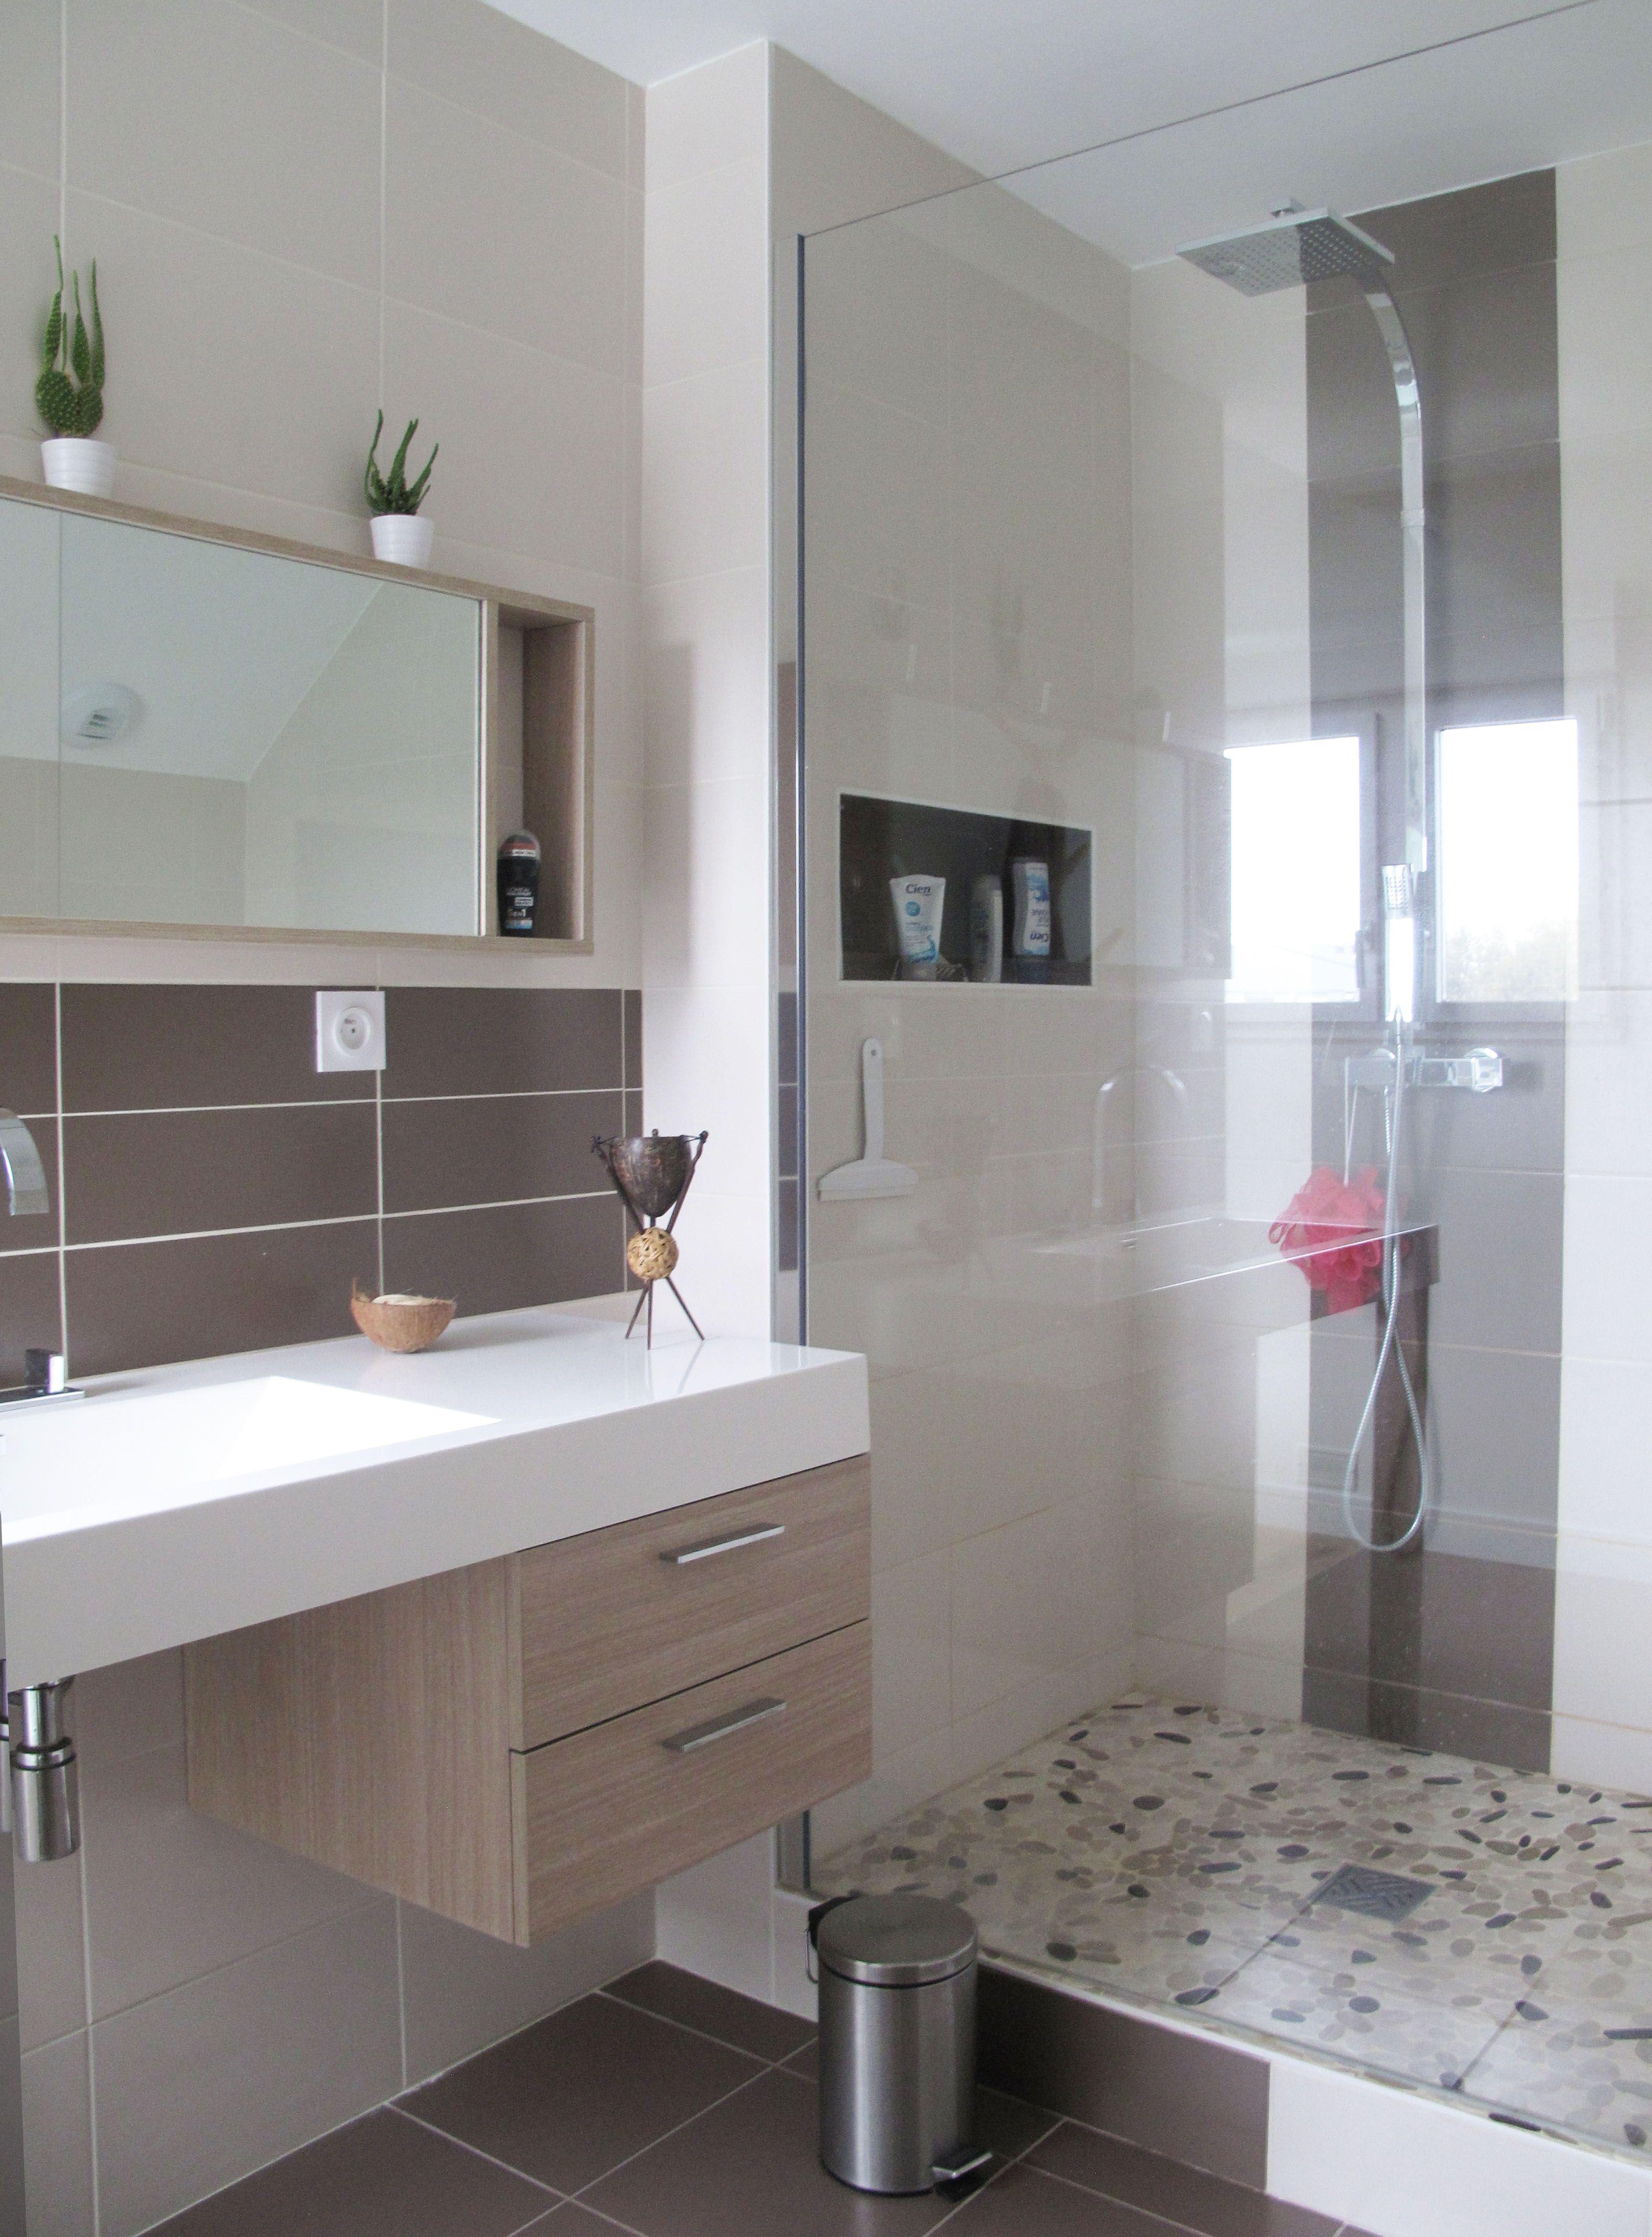 Chambre Et Salle De Bain Attenante tons naturels pour cette salle de bain attenante à la